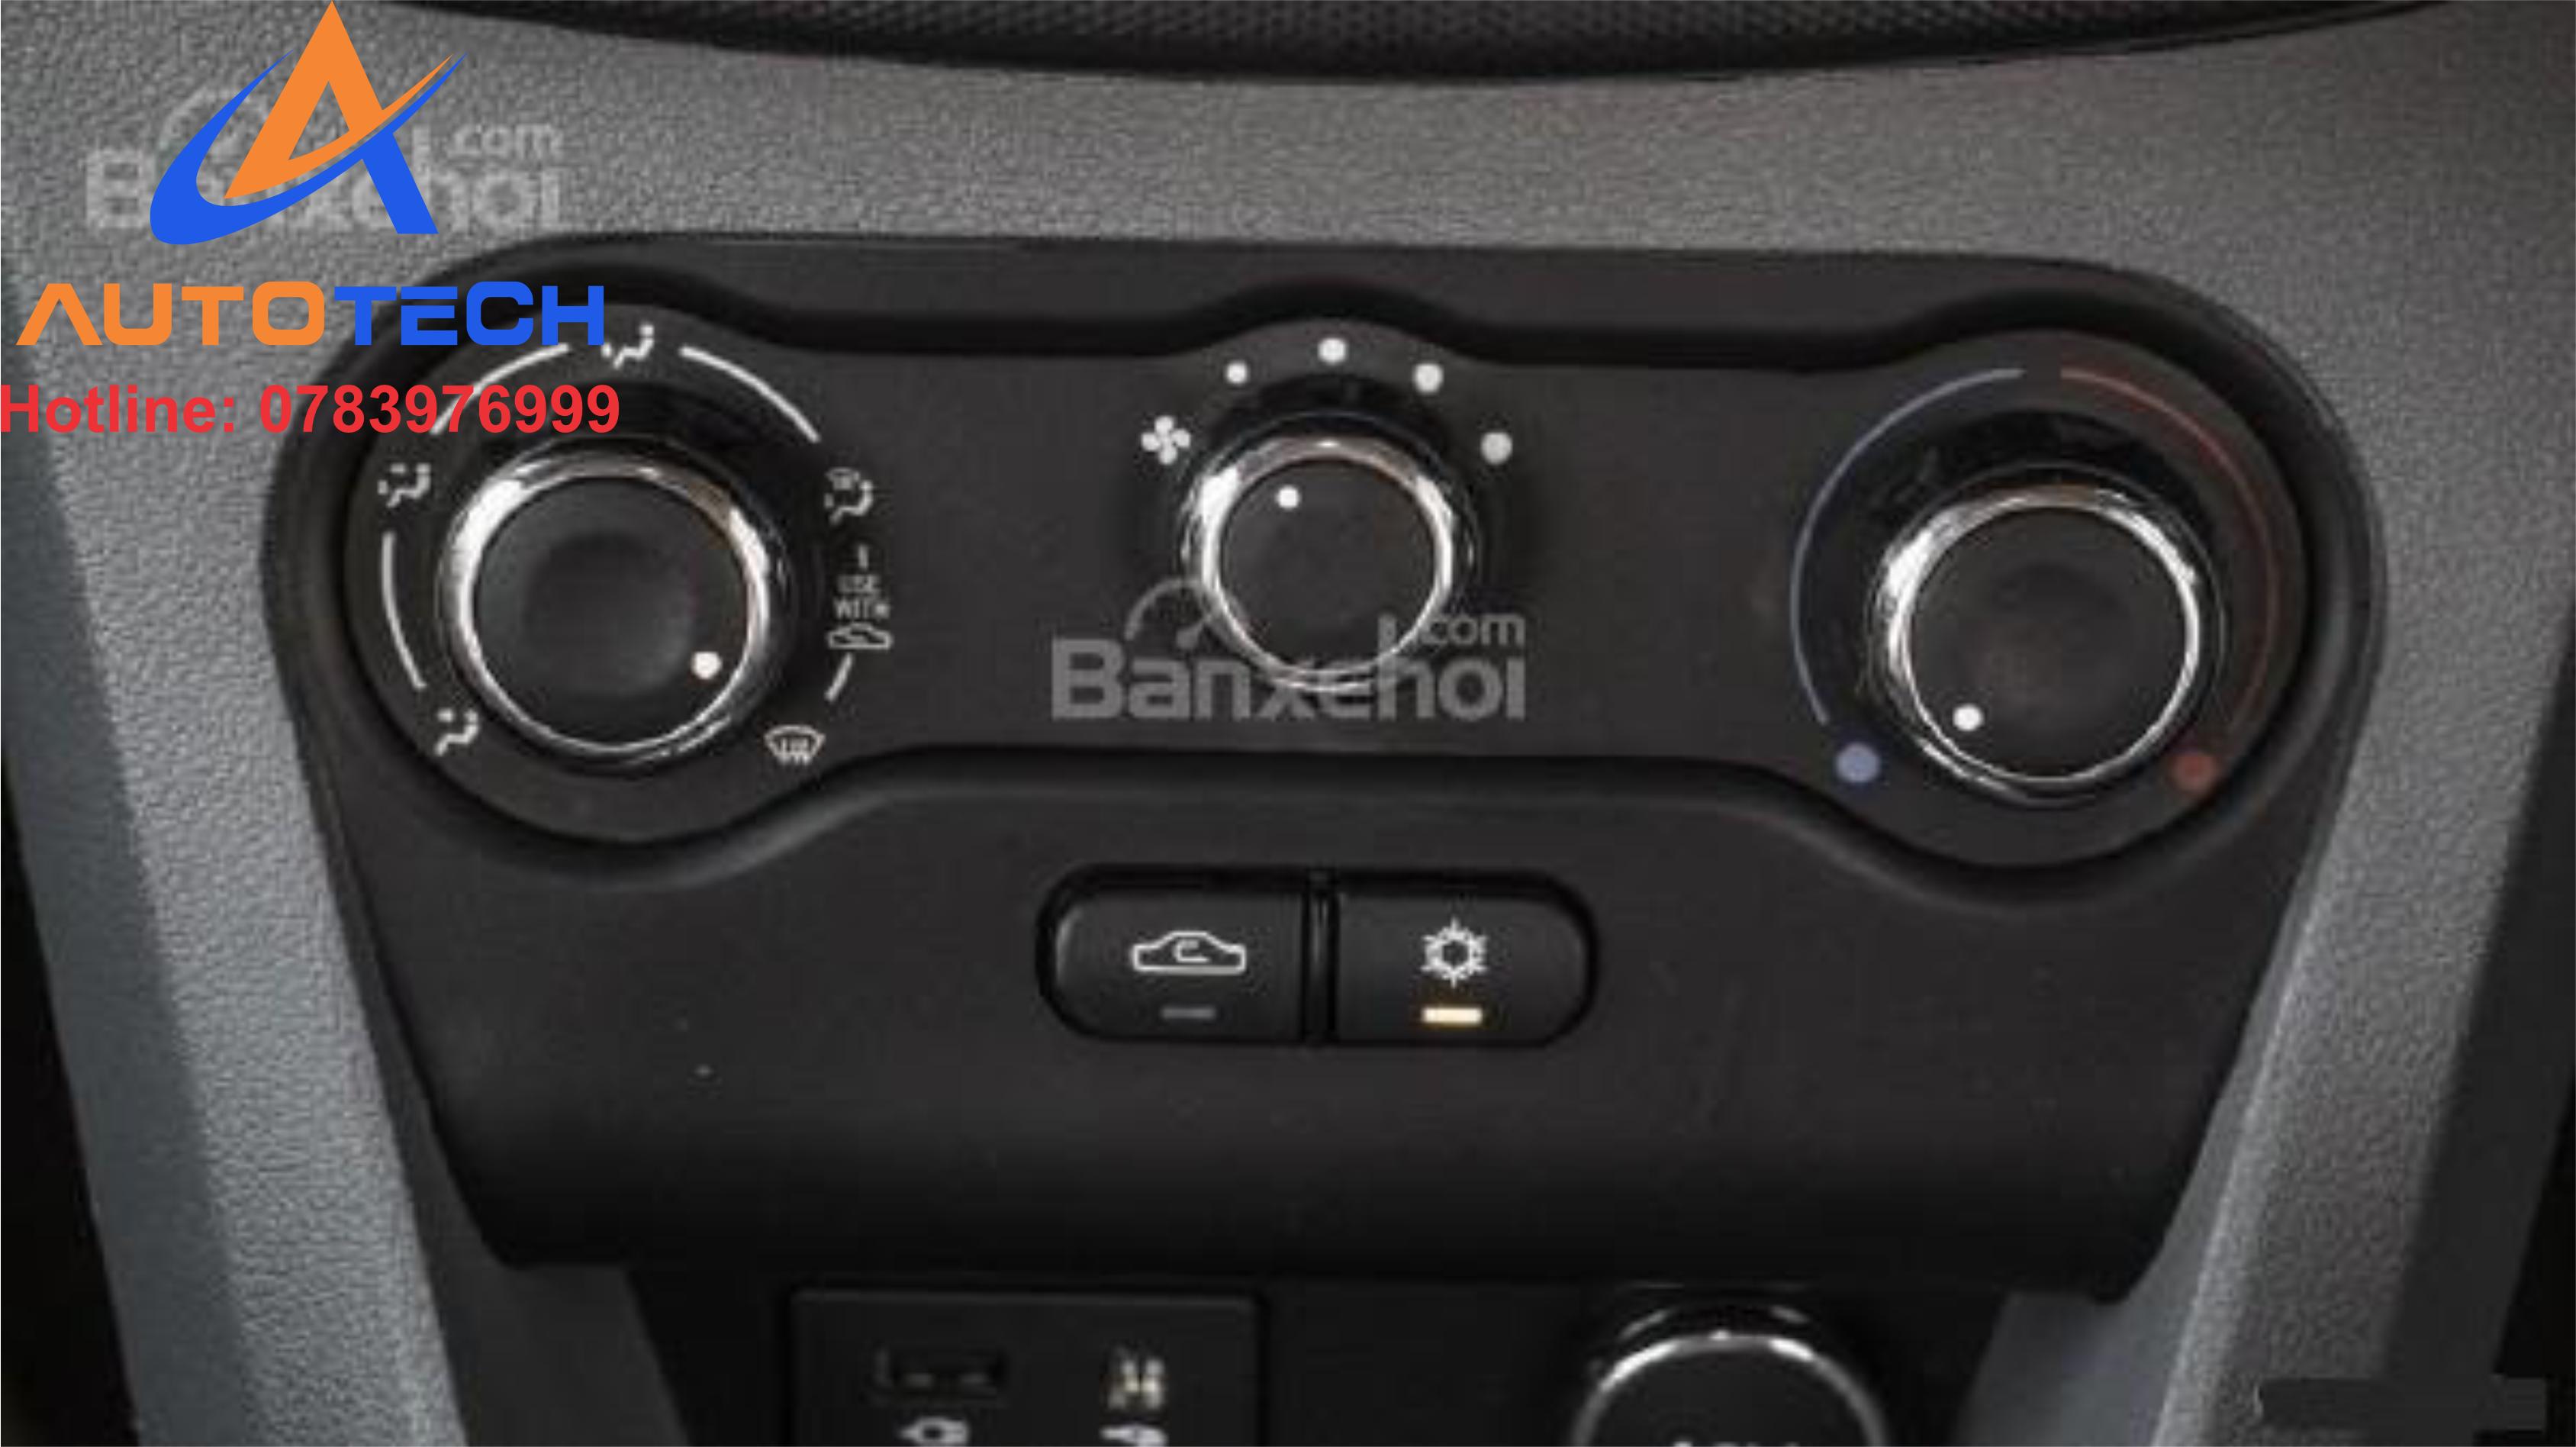 Hệ thống điều hòa trên xe oto.